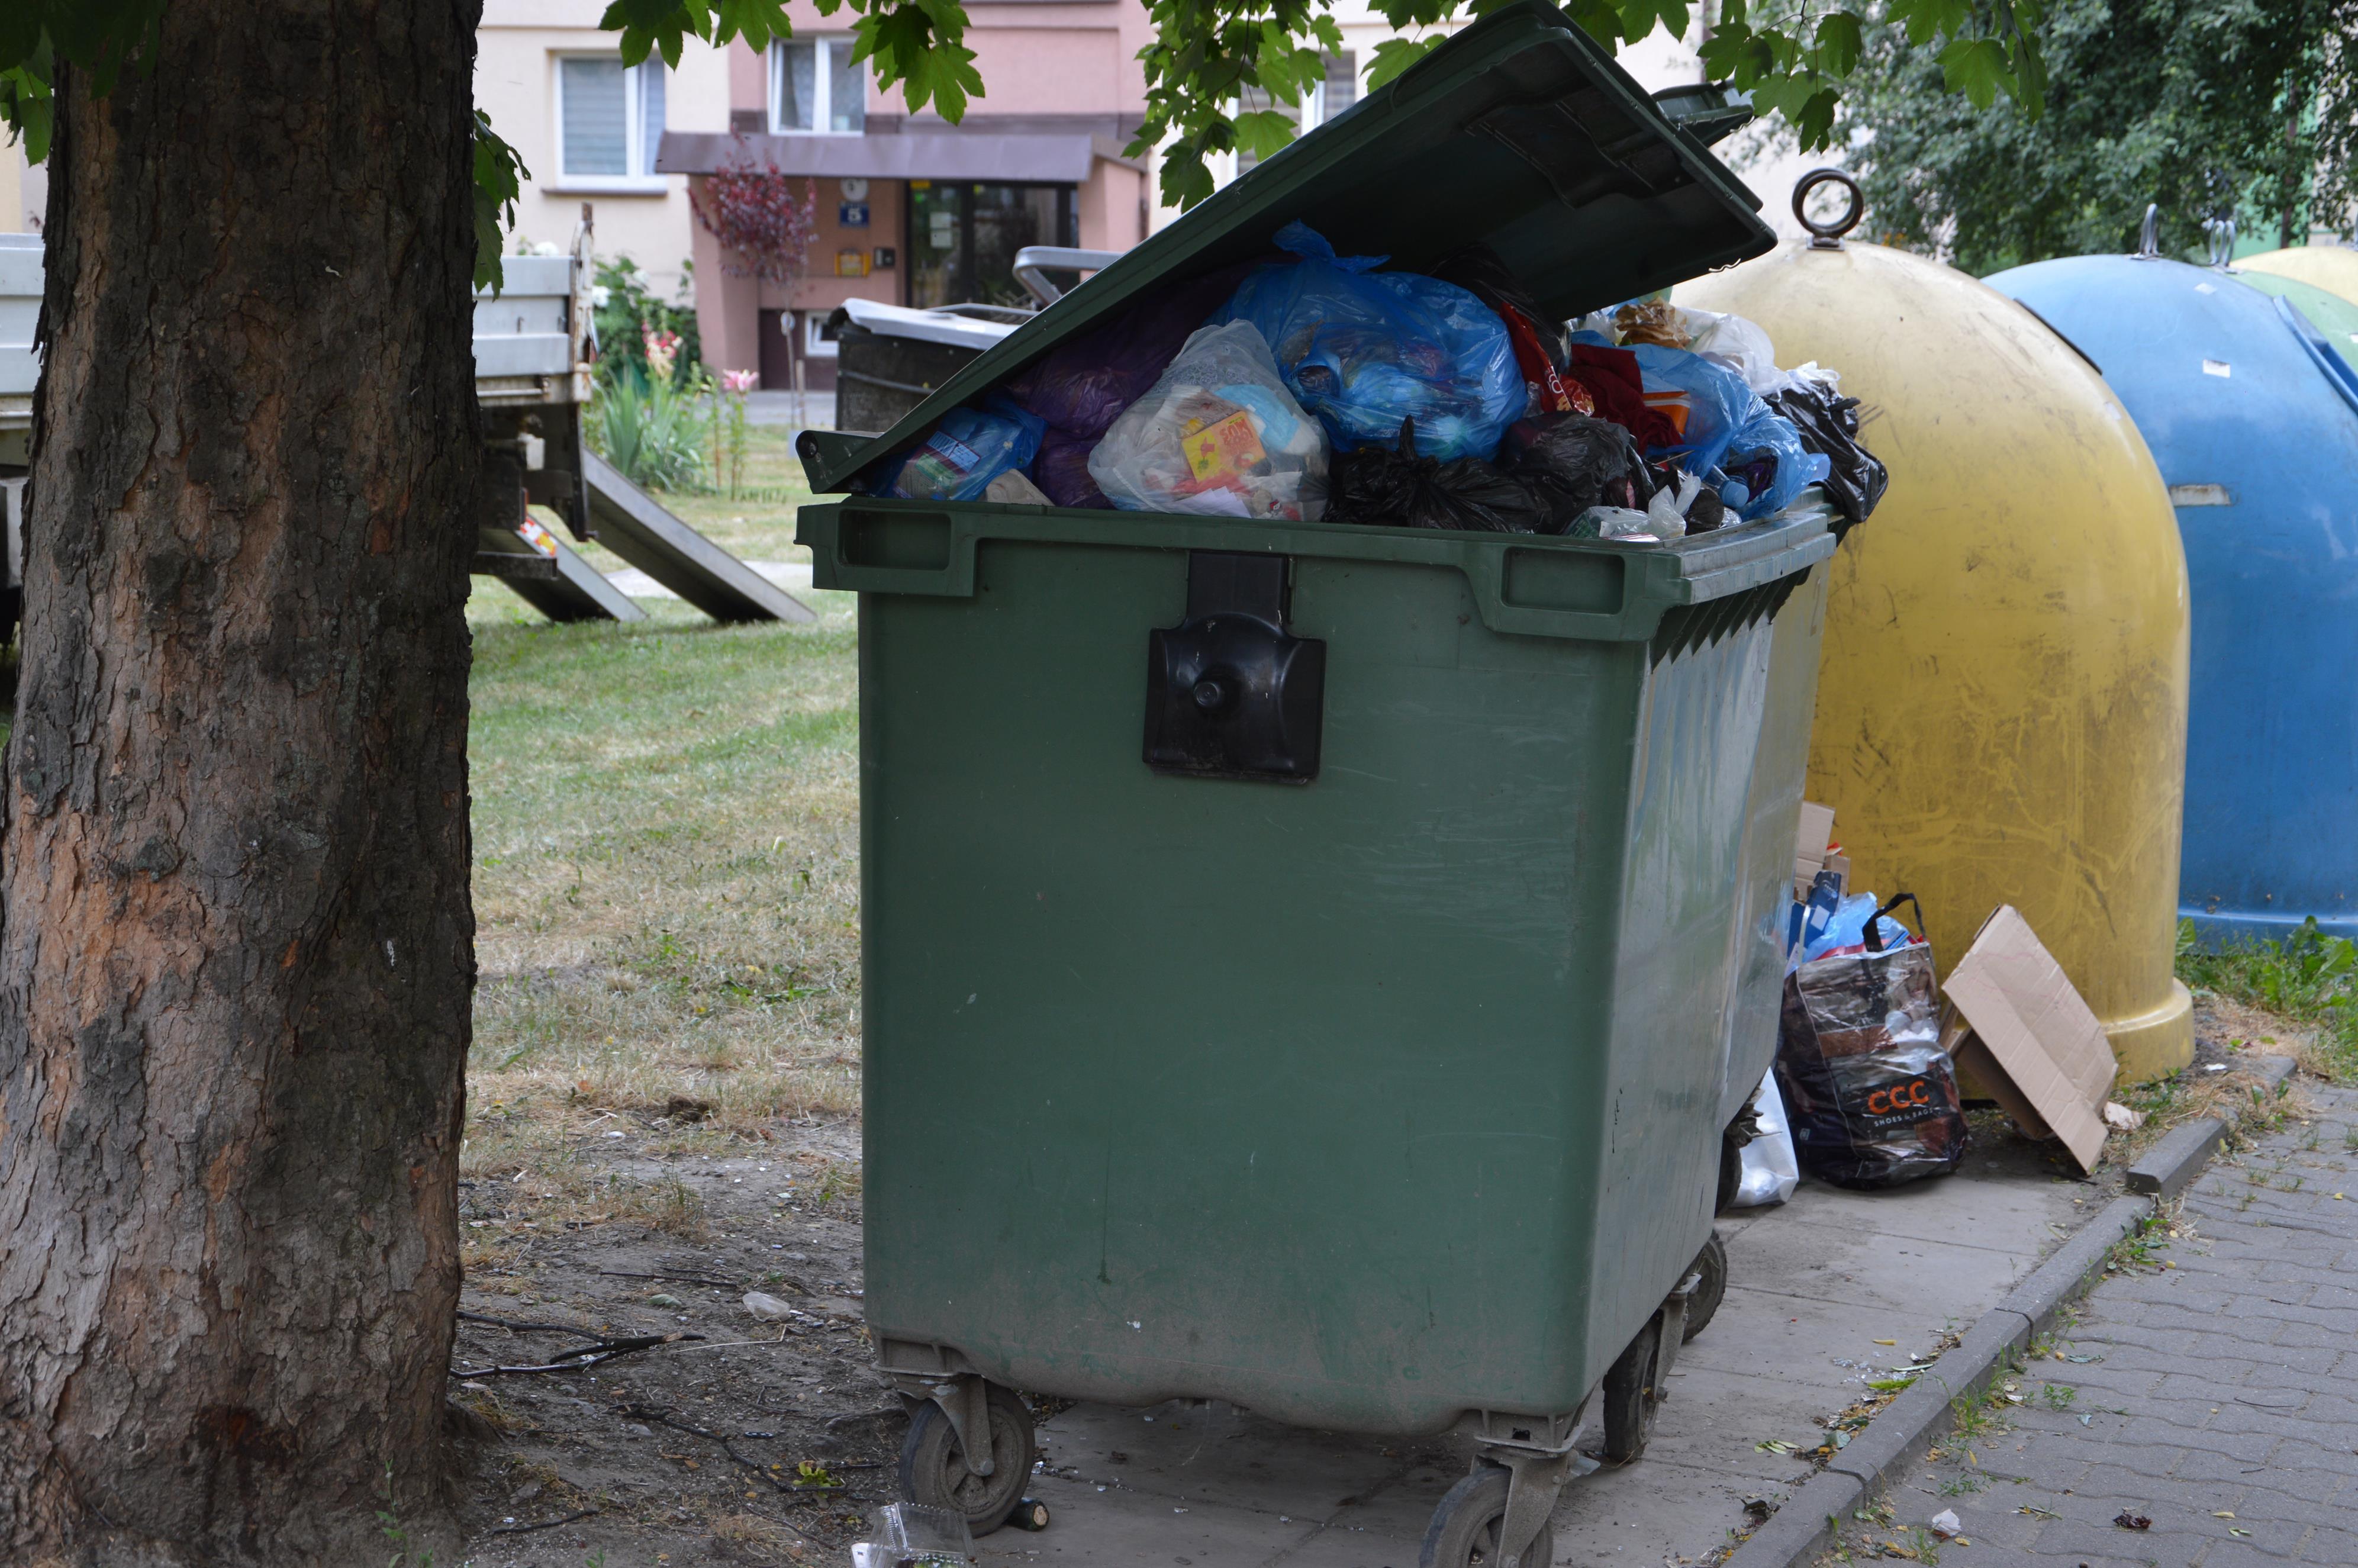 Kryzys śmieciowy. Na razie tragedii nie ma, ale robi się nieciekawie